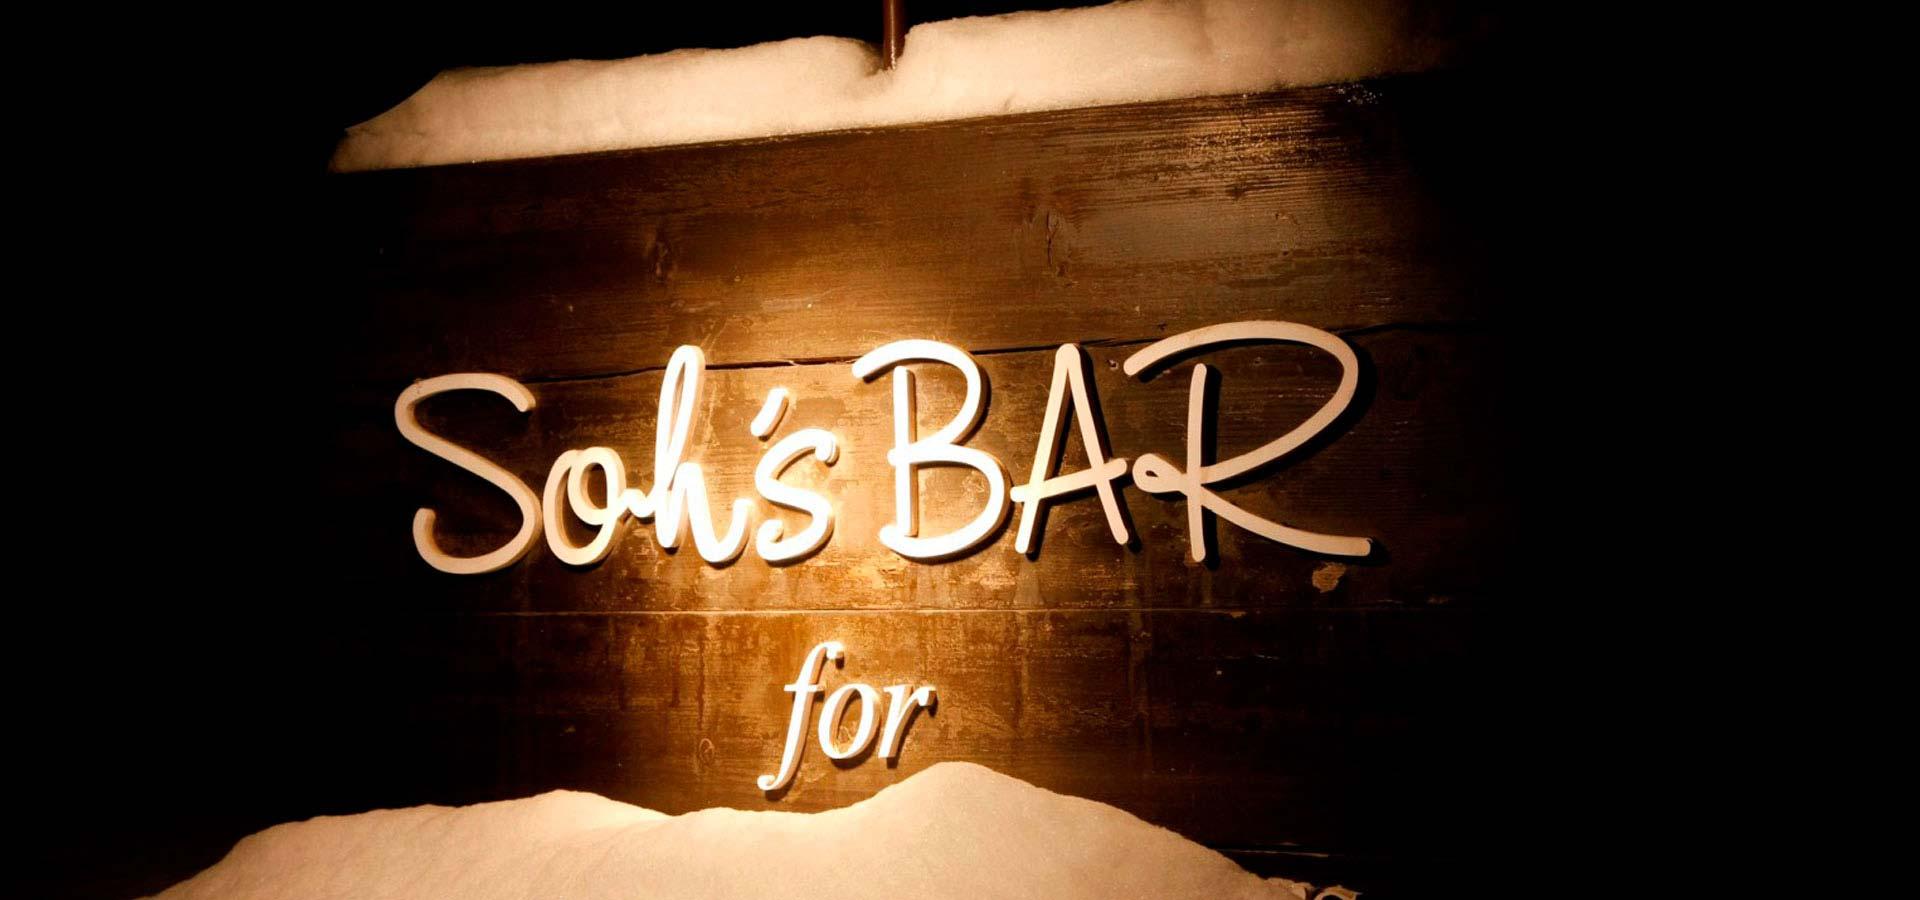 Soh's BAR